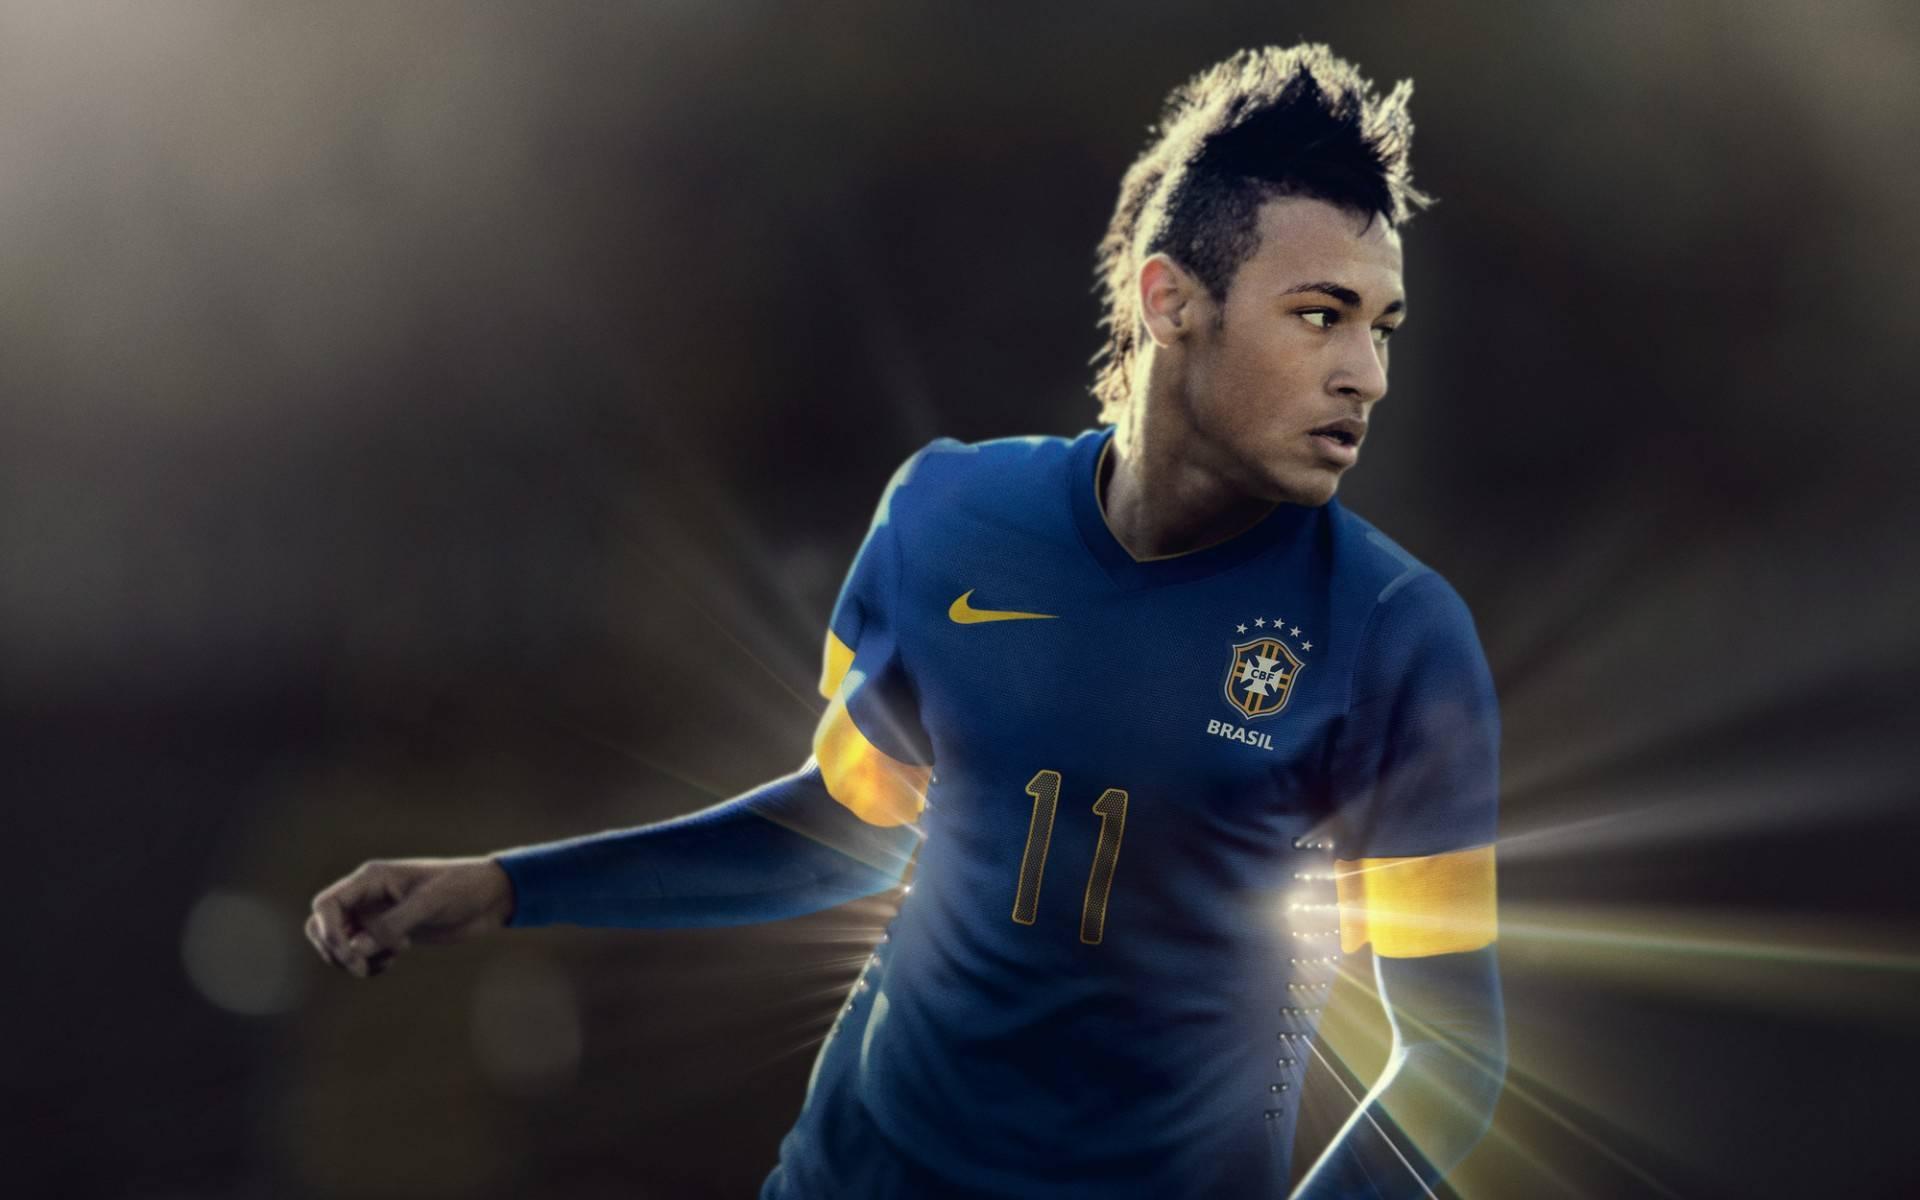 обои футболист, Неймар, Бразилия, прическа картинки фото